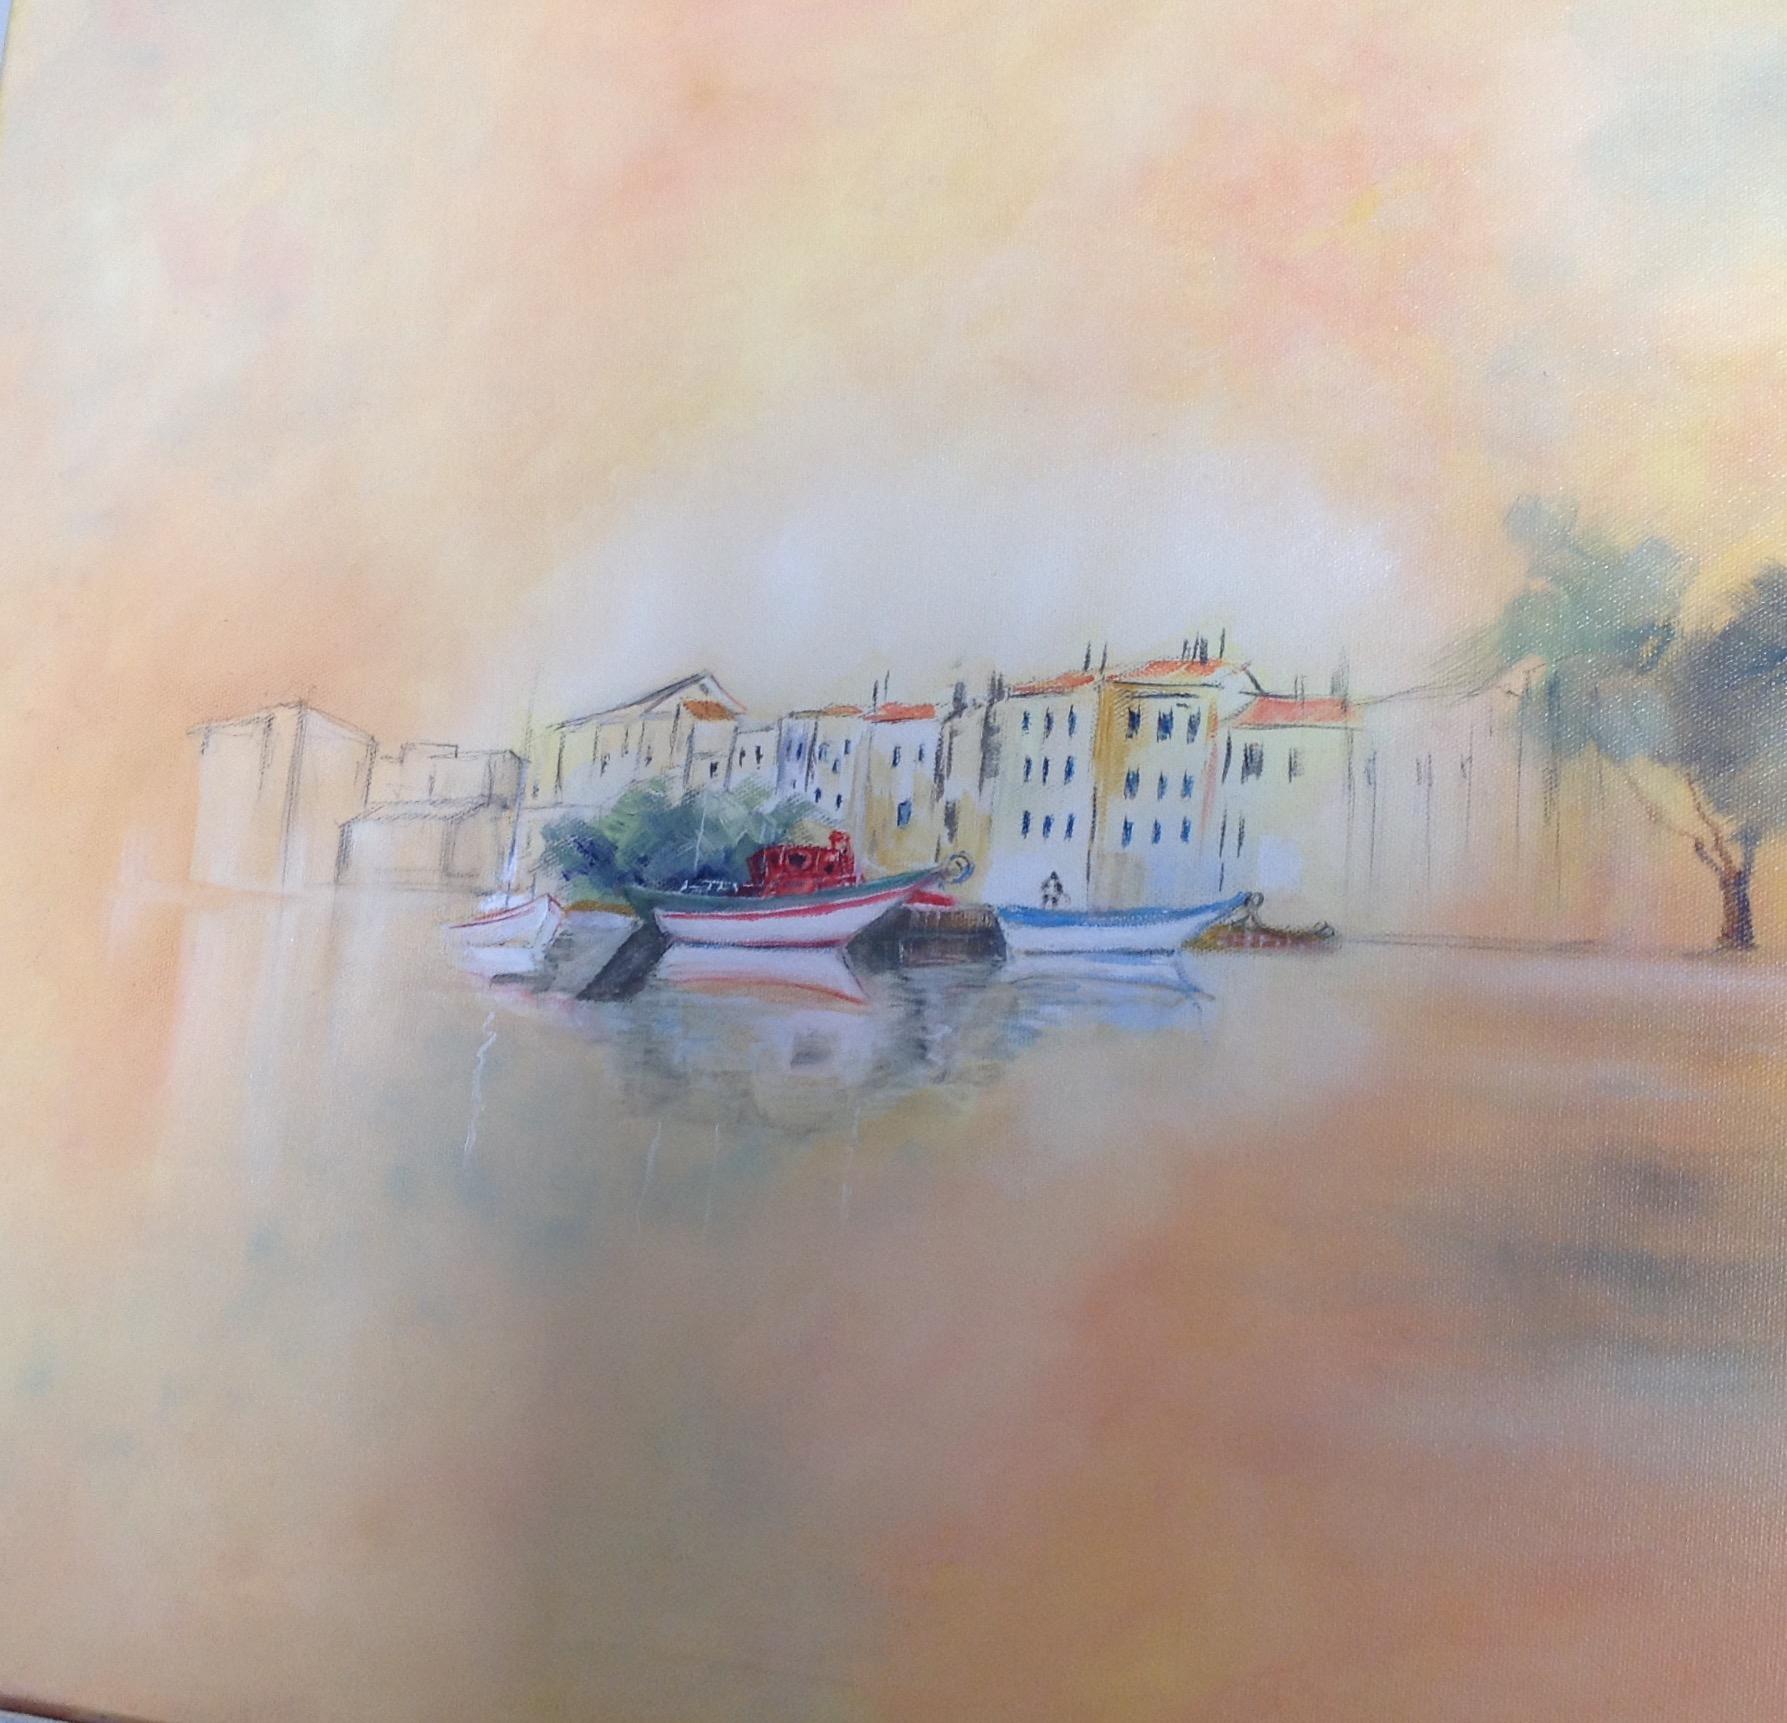 Façon aquarelle